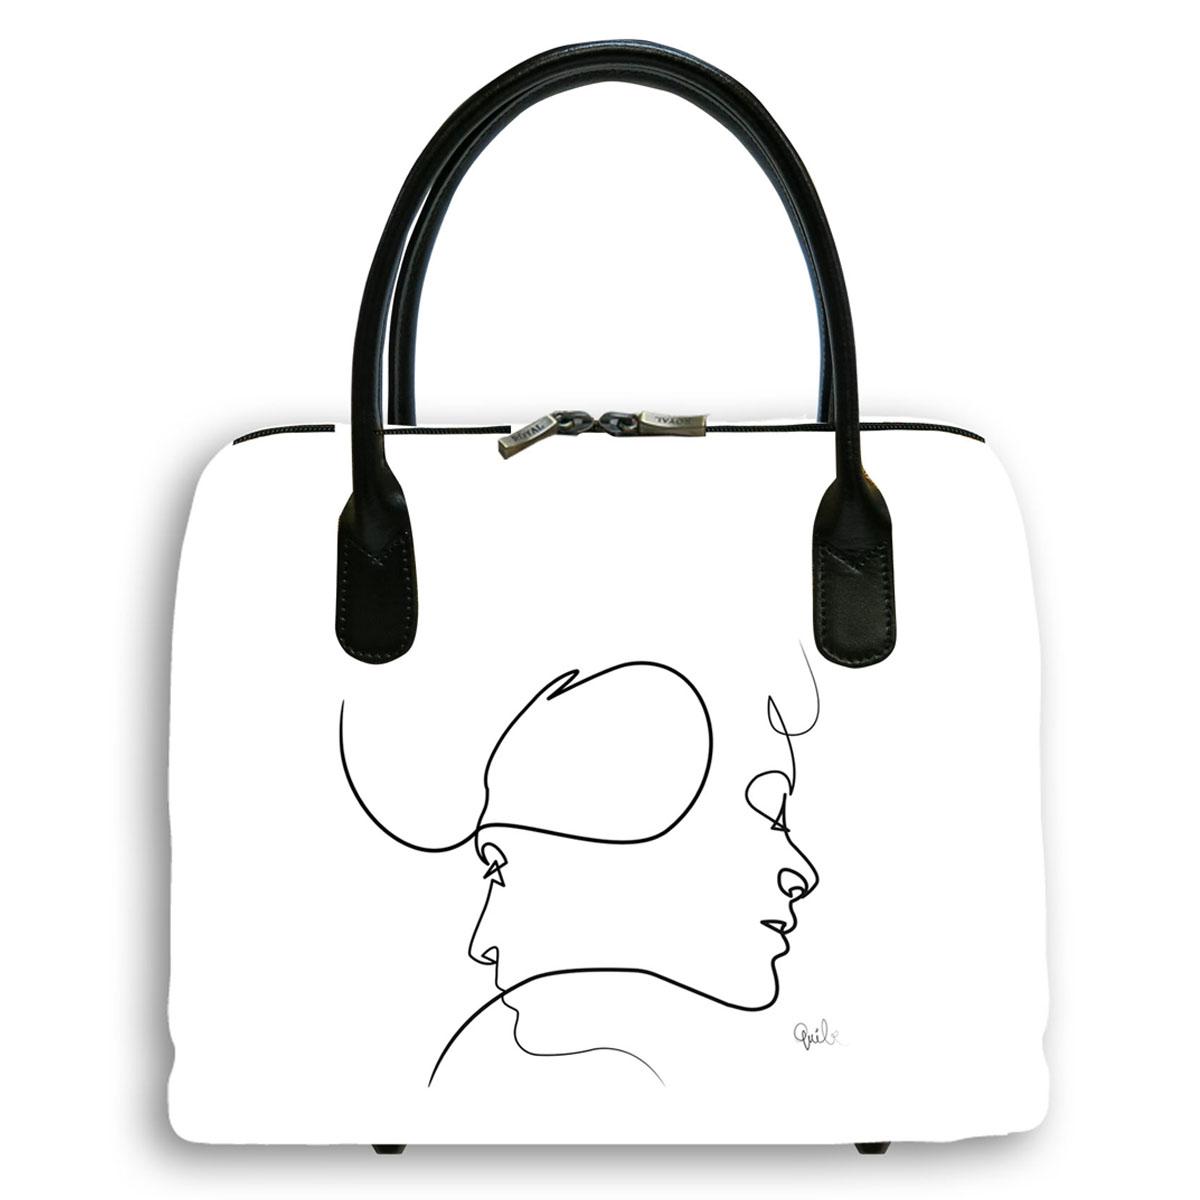 Sac créateur artisanal \'Quibe\' blanc noir (Presque - visages)  - 30x26x11 cm - [A0329]